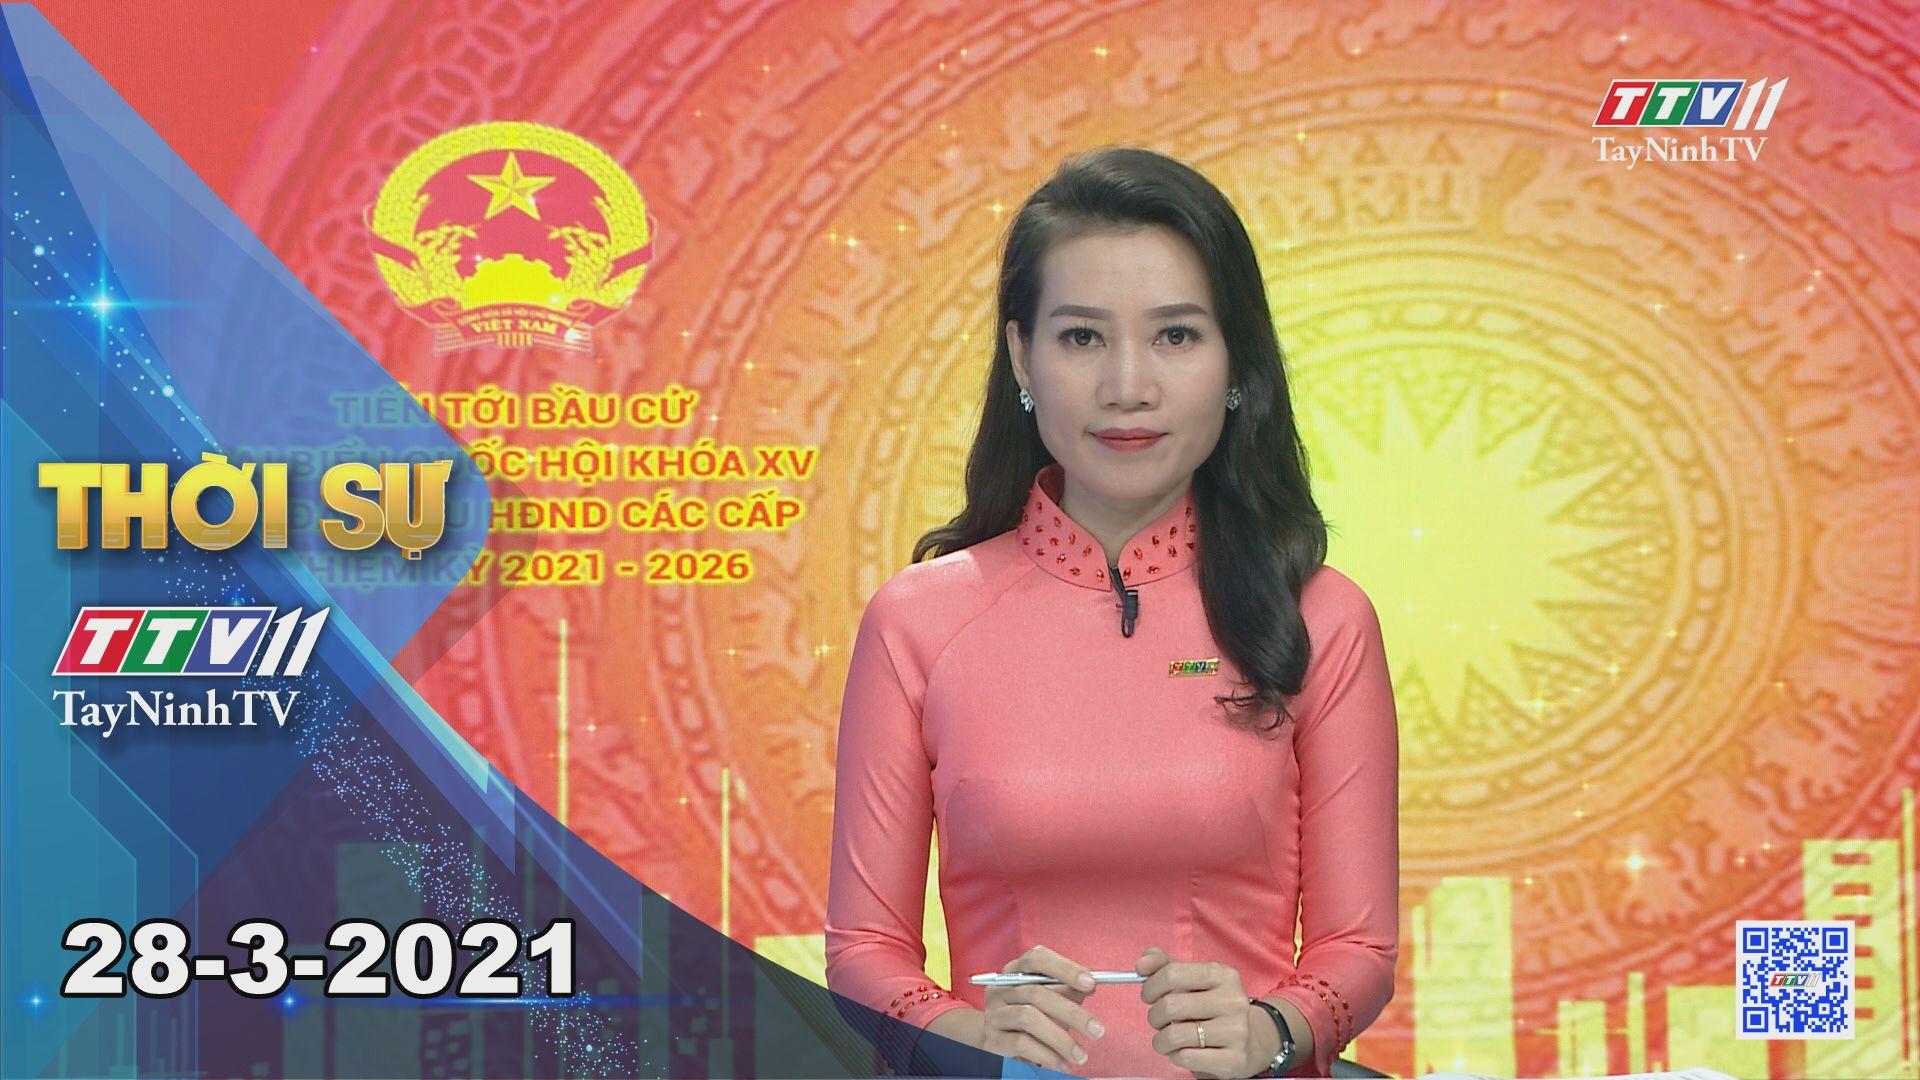 Thời sự Tây Ninh 28-3-2021 | Tin tức hôm nay | TayNinhTV